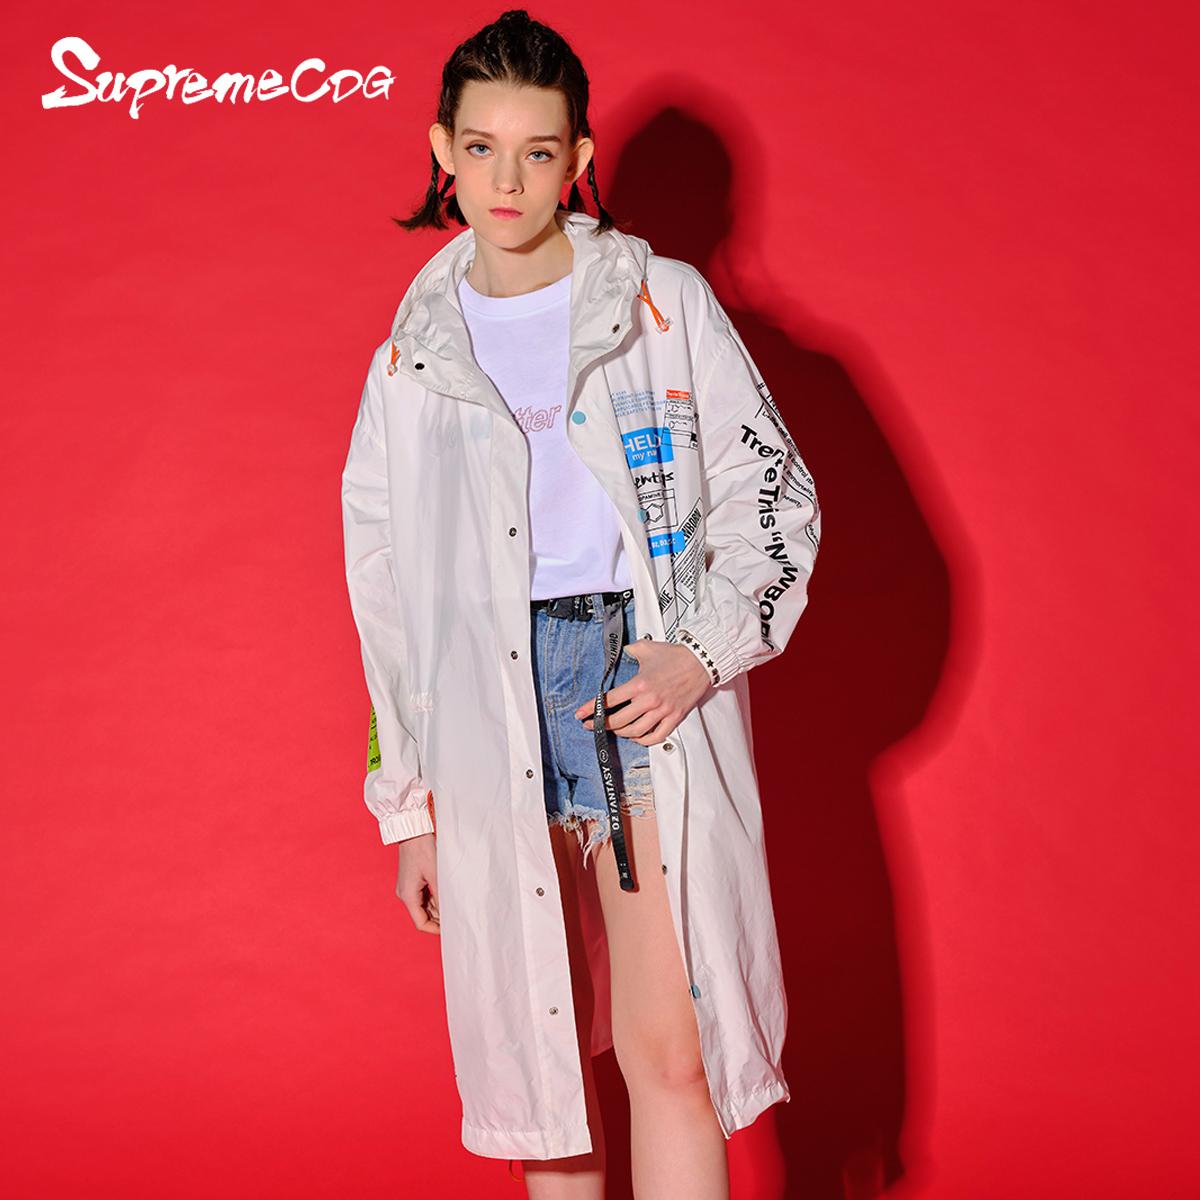 Supremecdg2020年新款街头摇滚女士长款风衣 米兰国际时装周款